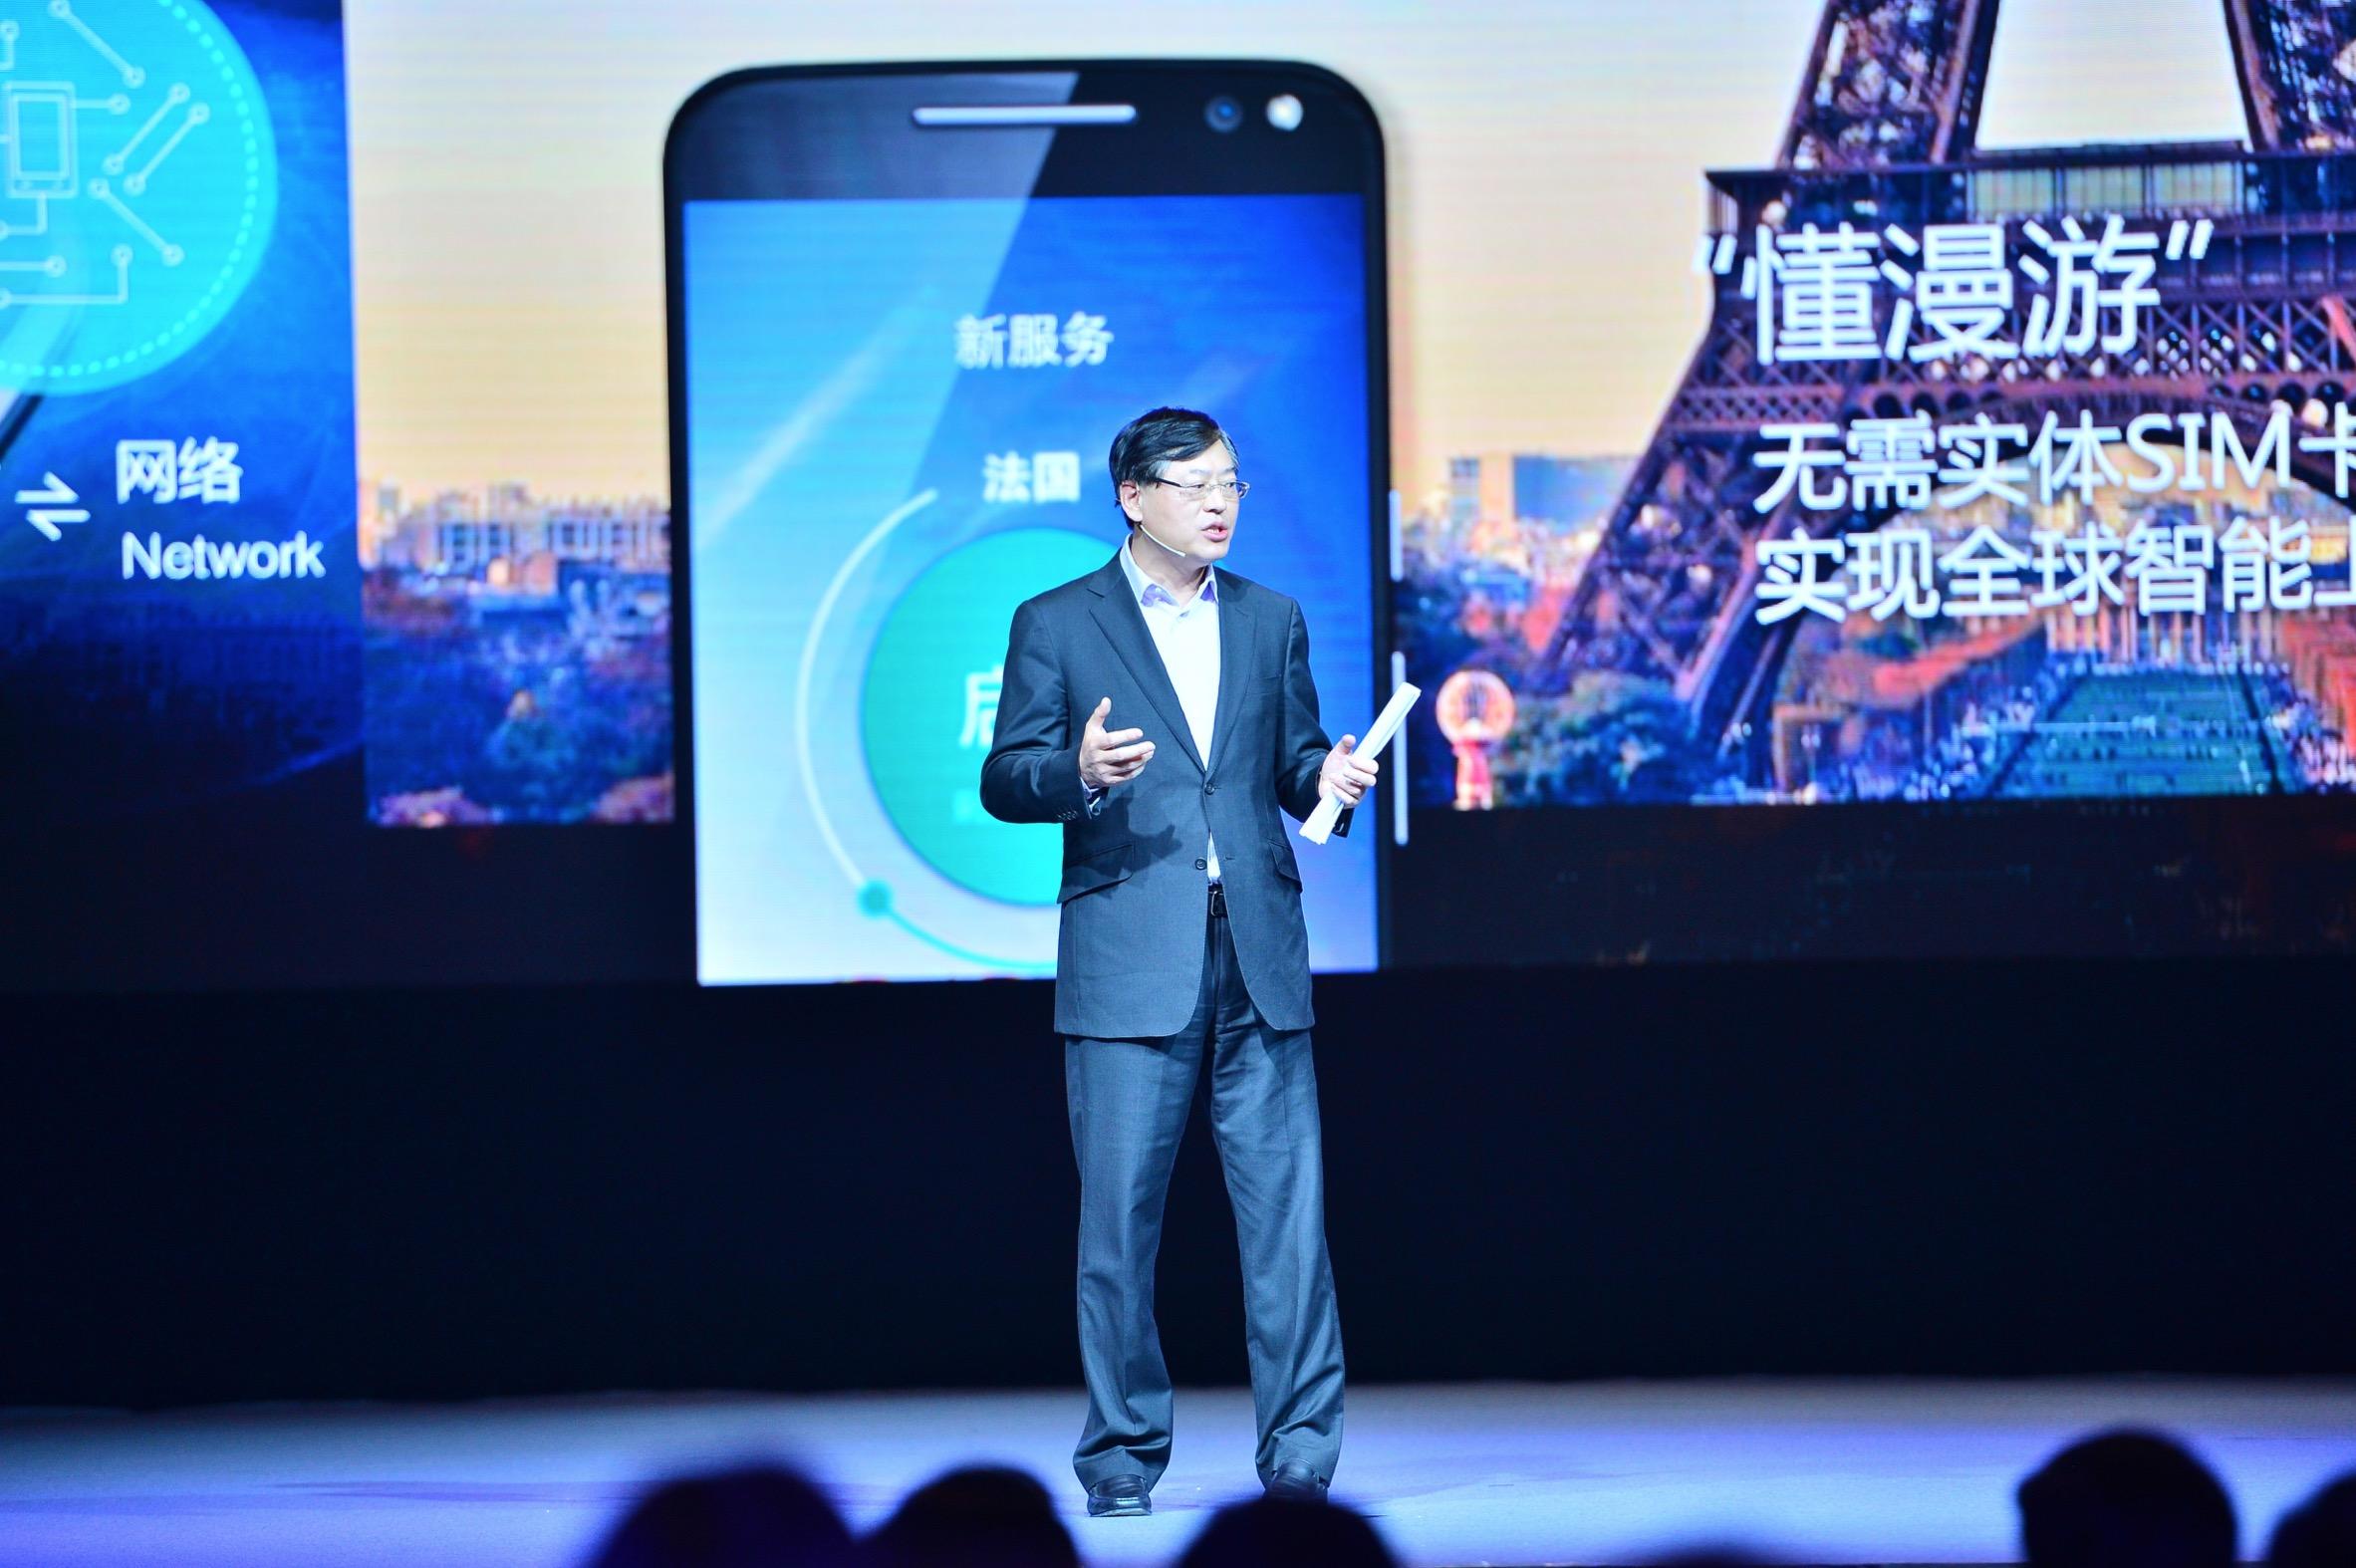 杨元庆:整个人类社会将进入万物互联新时代